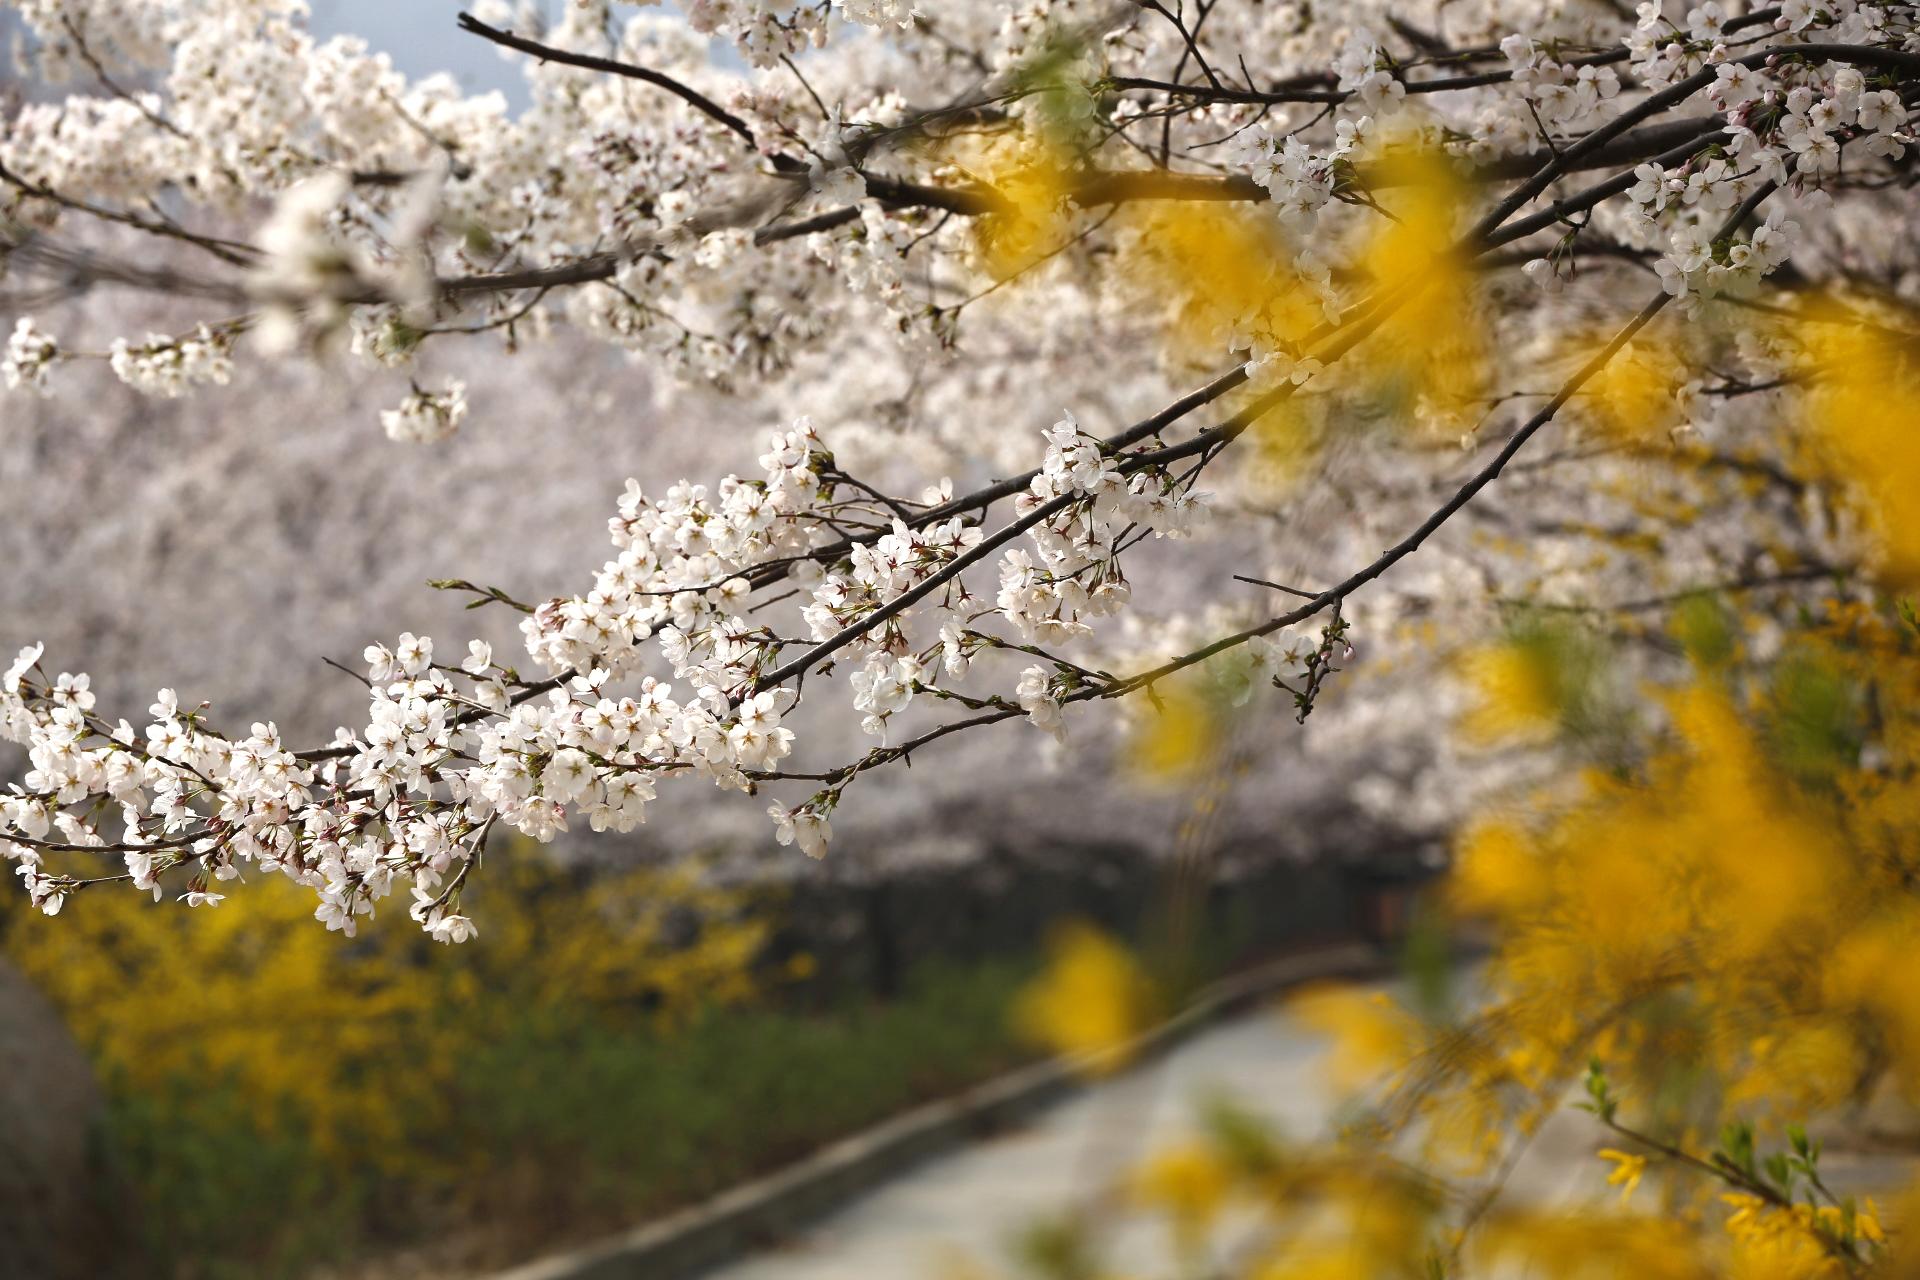 """美丽樱花盛开 很多专程赶来赏樱的游客都说不虚此行,都没想到在自家门口竟然有这么大规模的赏樱基地,来自济南的王女士说:本想去""""武大""""或者南方赏樱的,后来看到朋友拍的这里的樱花图片,很惊艳也很诧异,现实看到的樱花大道比照片上更震撼更美丽。 樱花山以""""山水相间、樱花漫山""""的独特景观吸引了无数游人,也得到众多摄影家的青睐,近期""""中国新闻摄影学会""""和""""山东摄影家协会""""分别在樱花山挂牌,为广大摄影爱好者提供了一处绝佳的创"""